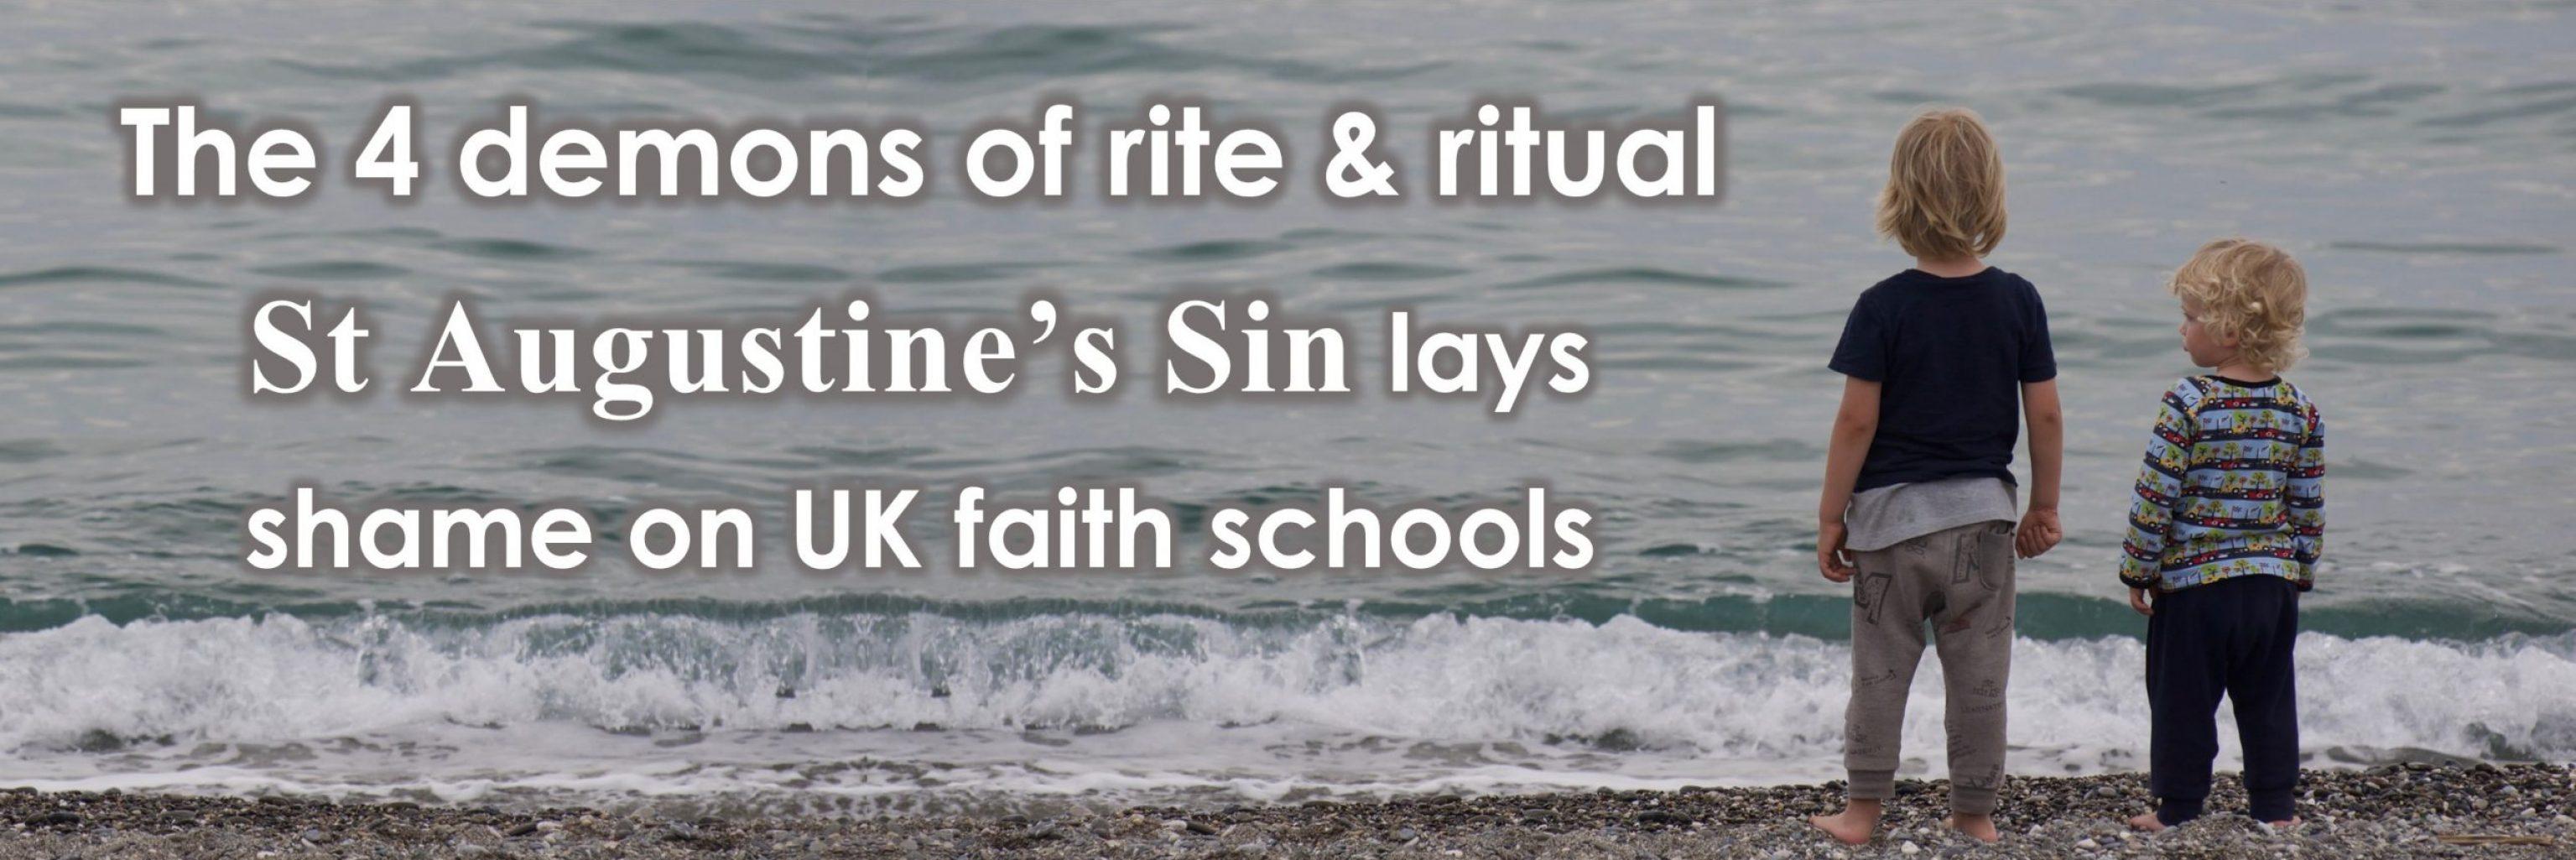 The shameful way primary schools indoctrinate infants in sin, guilt, shame and moral fudges